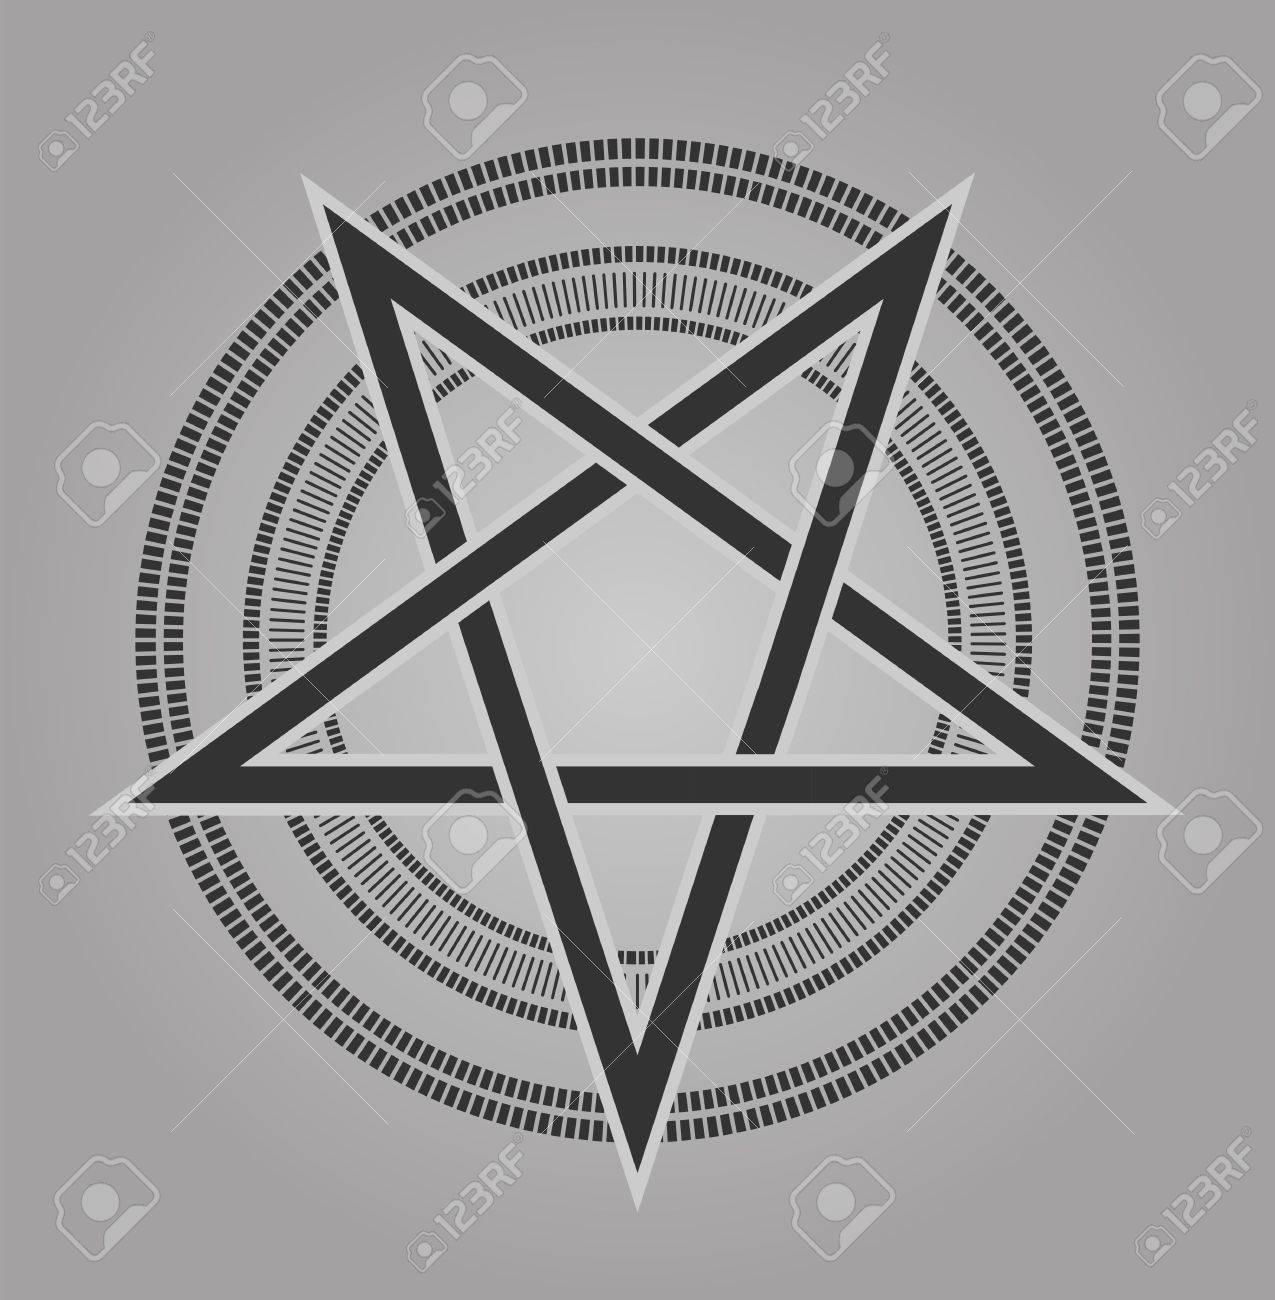 Vektor-Design Pentagramm Unterzeichnet Fünfzackigen Stern In Den ...